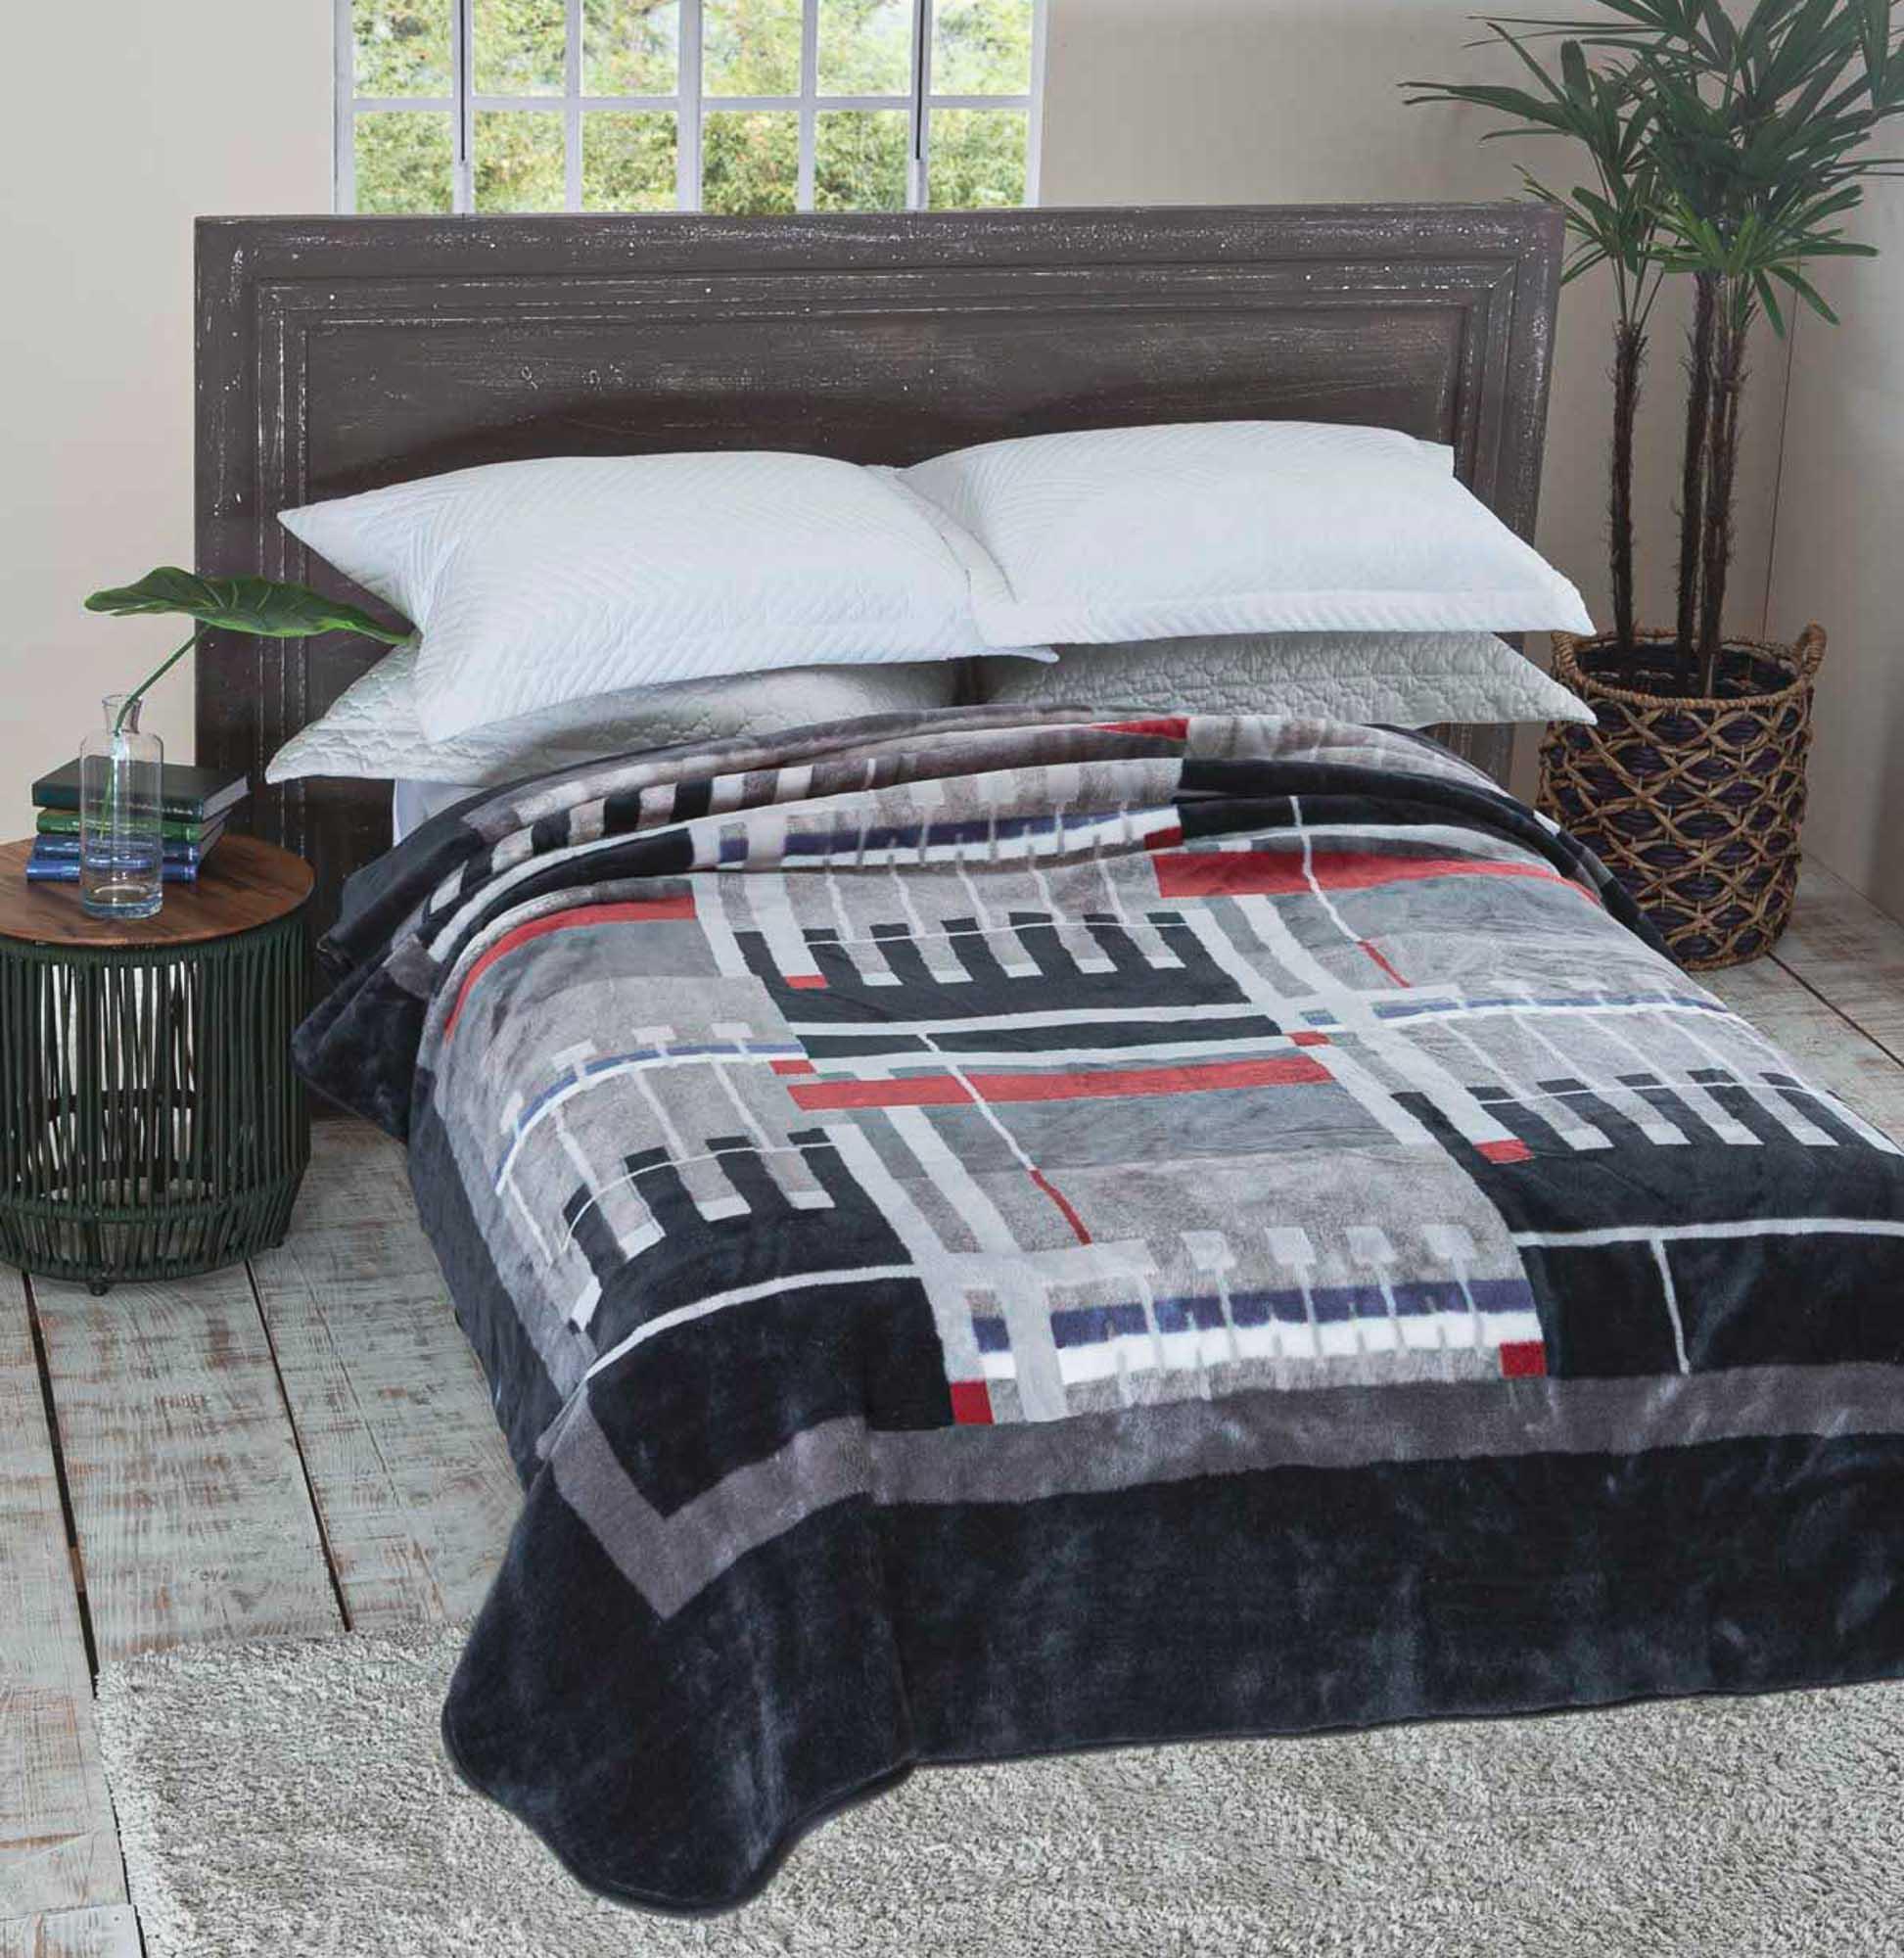 Cobertor Jolitex Raschel Casal 1,80x2,20m Modulo